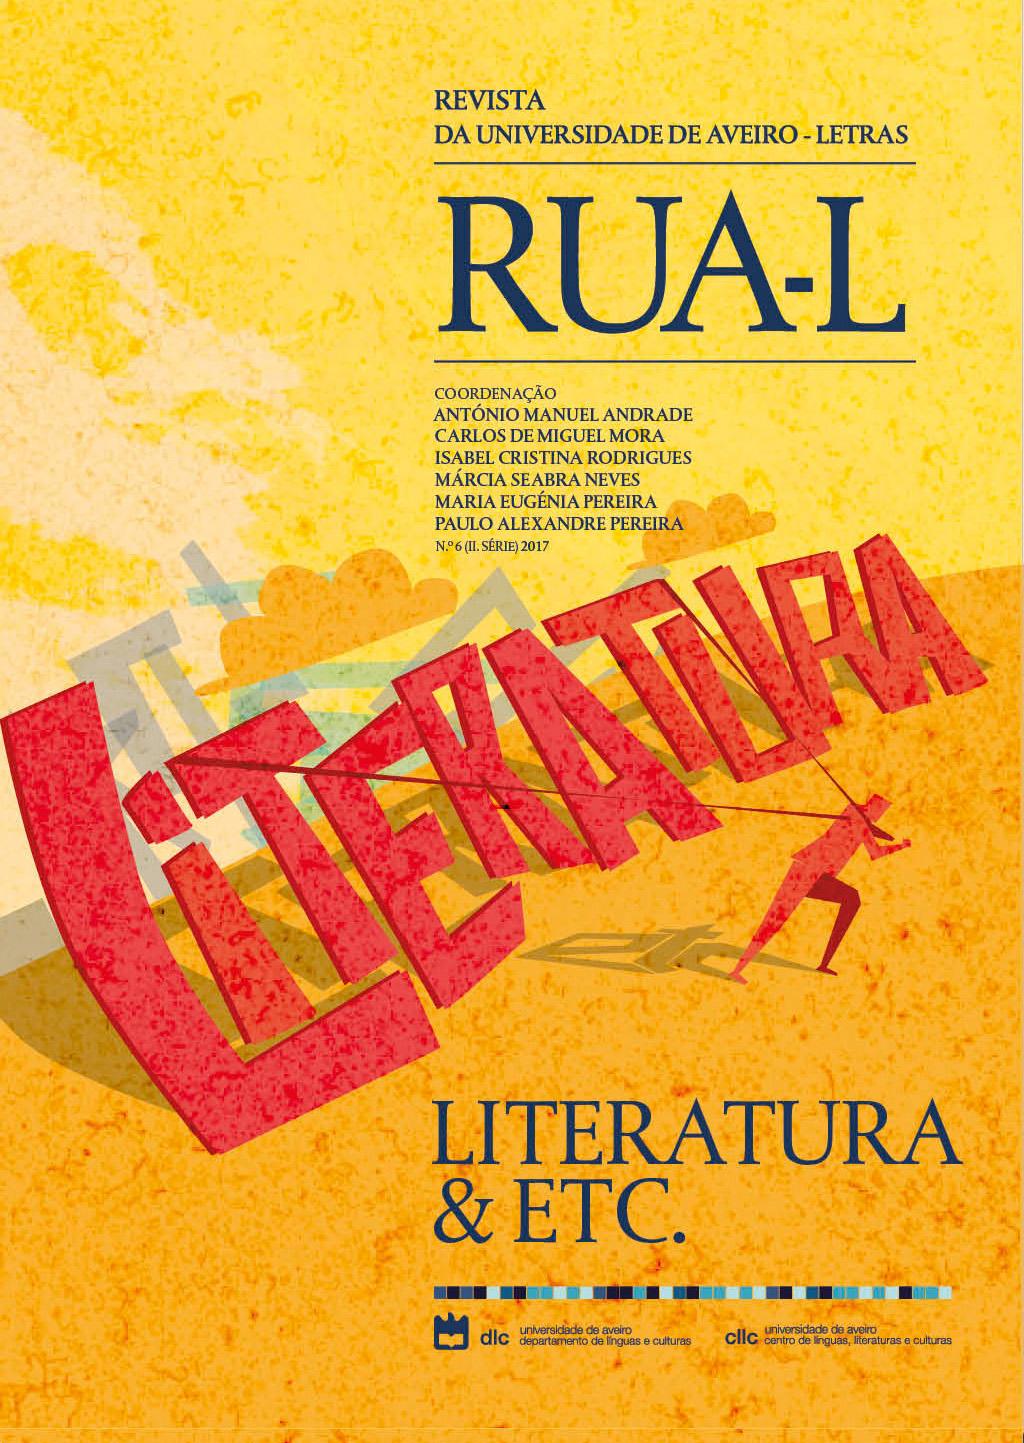 Capa do nº 6 (2017) da RUA-L